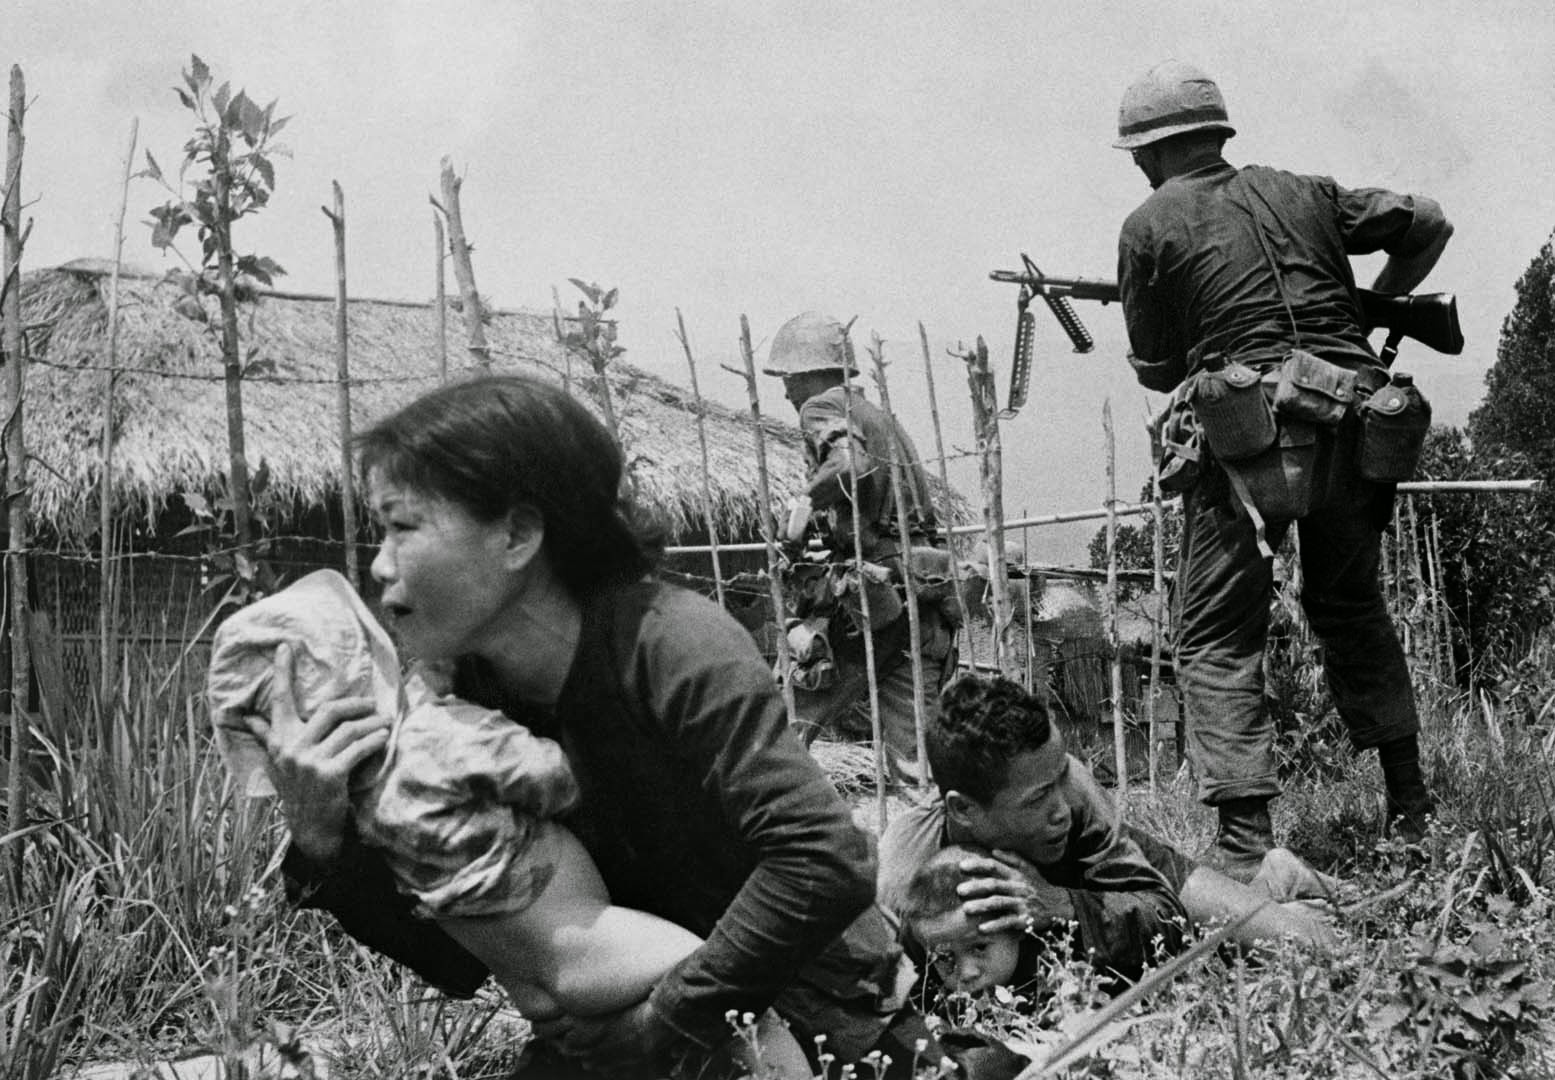 Fotos de la Guerra de Vietnam y su Historia en la Guerra de Vietnam